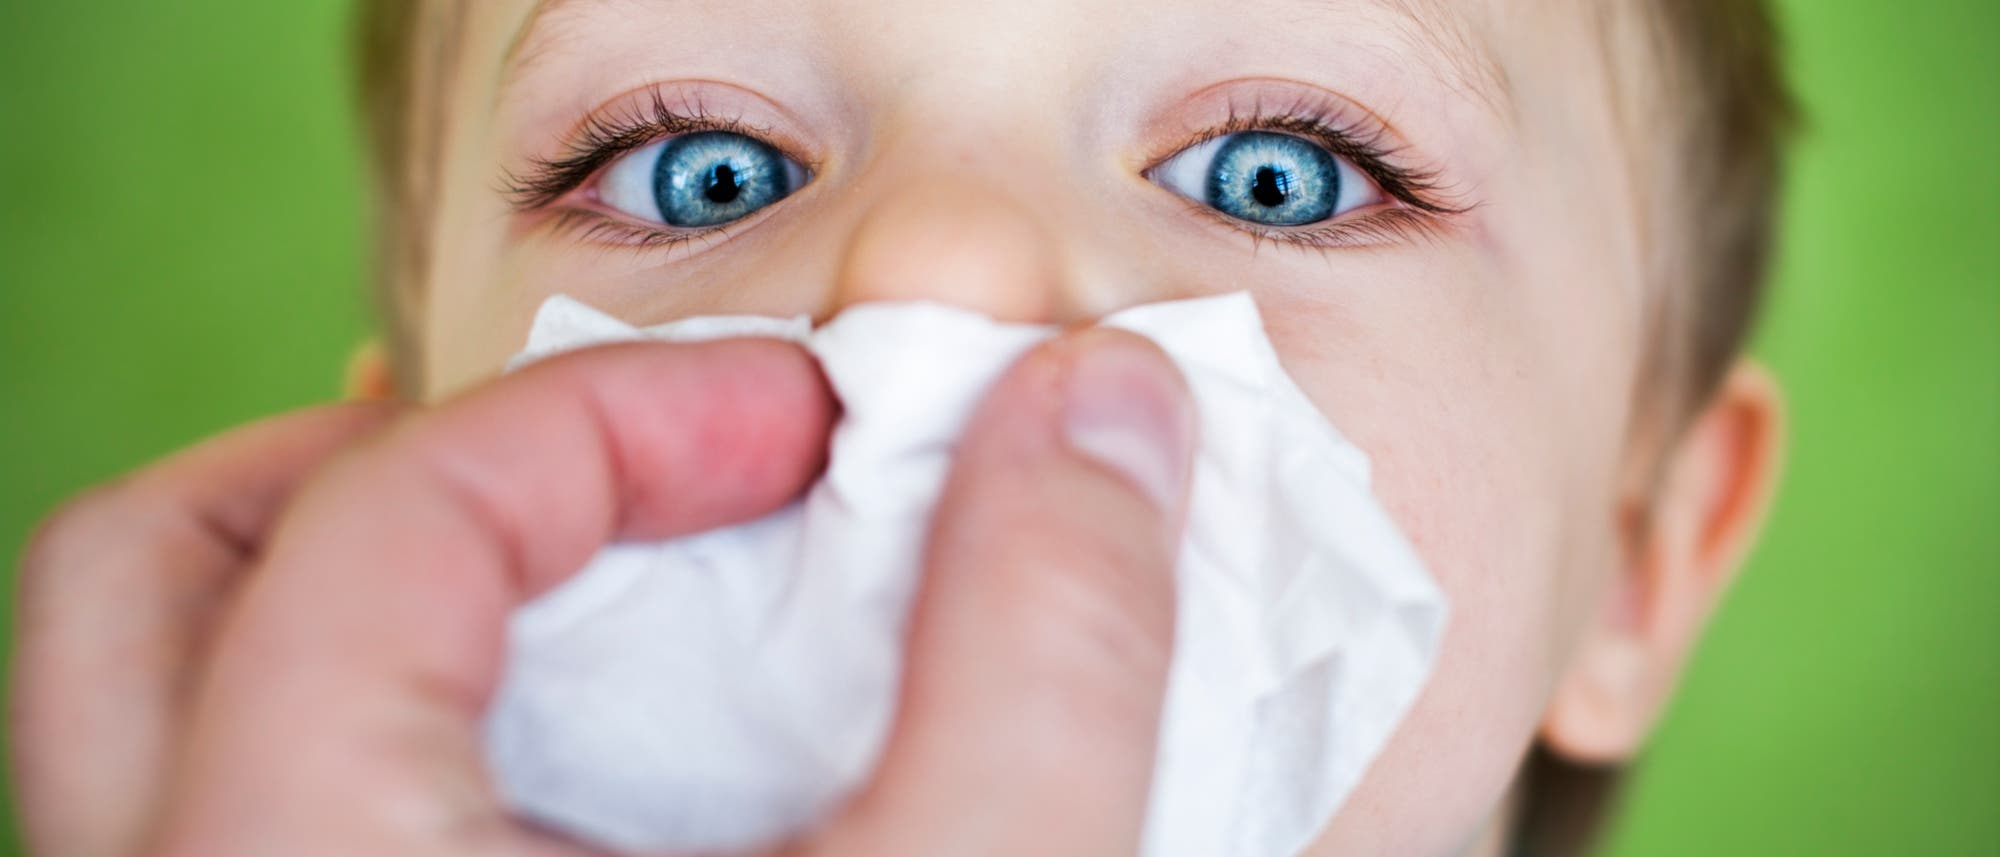 Kind bekommt Nase geputzt